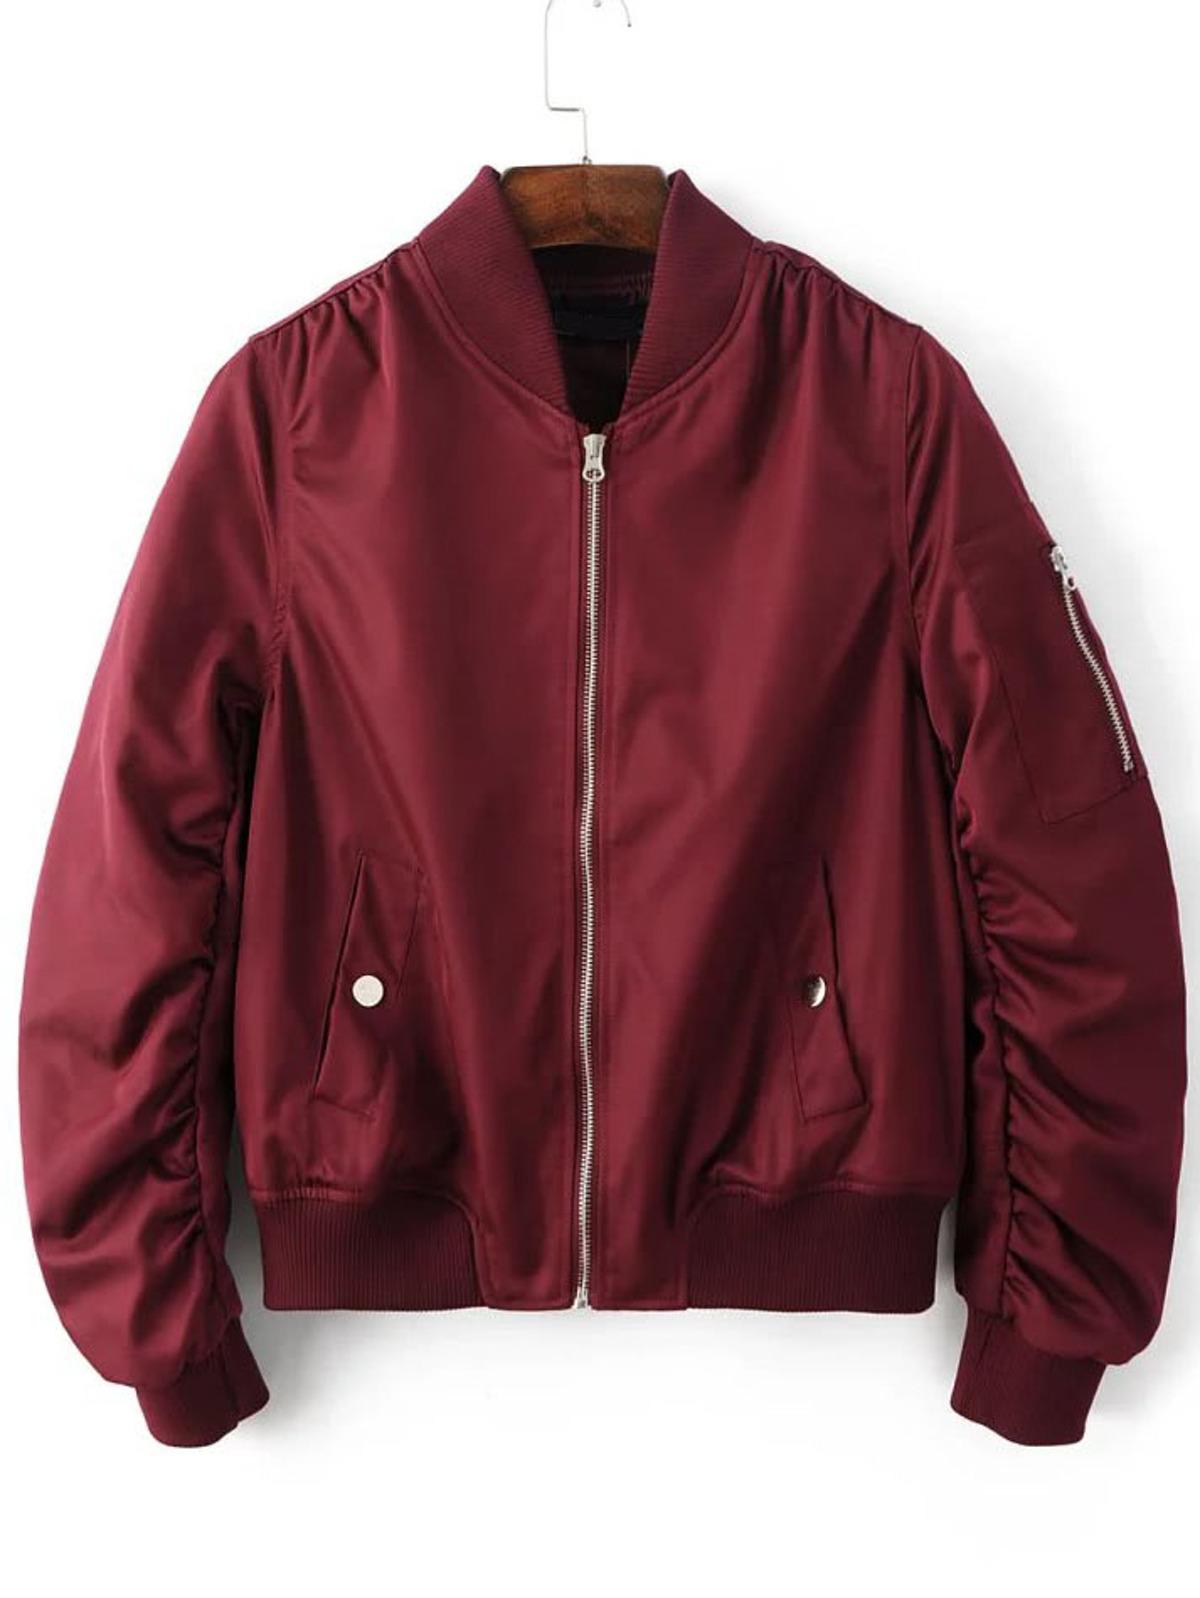 葡萄紅 拉鏈 飛行 外套 附有 口袋